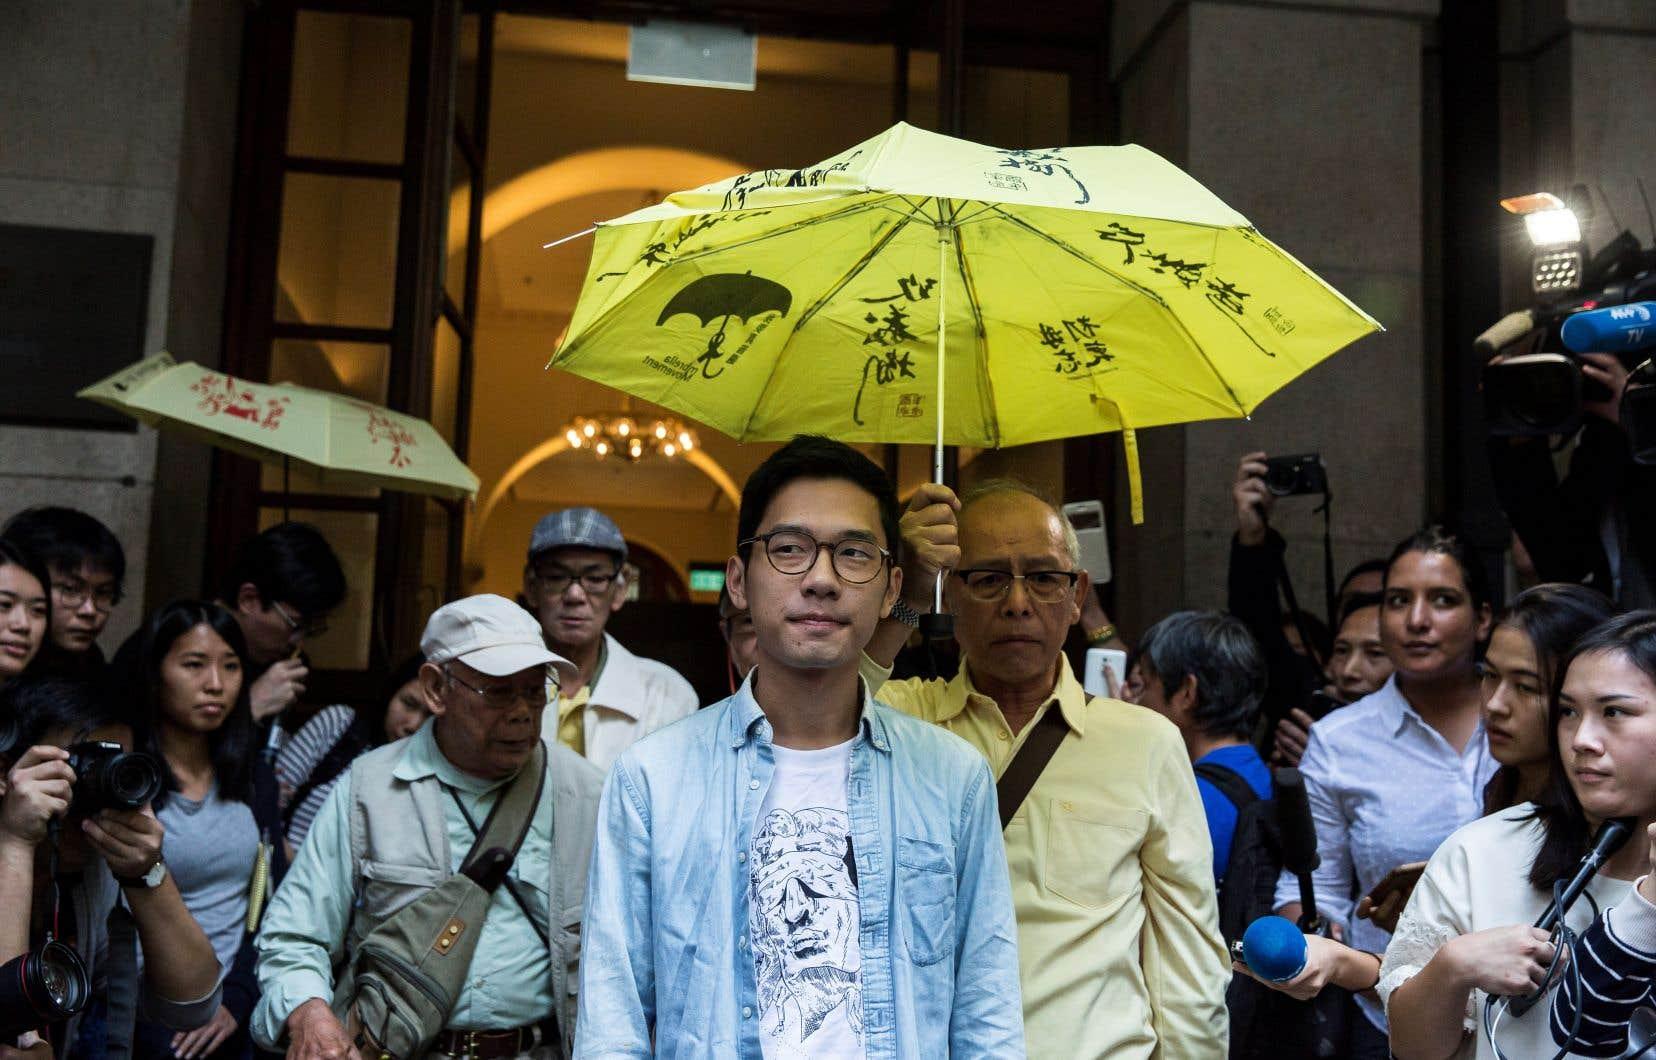 L'asile offert par Londres aux Hongkongais fait rager Pékin